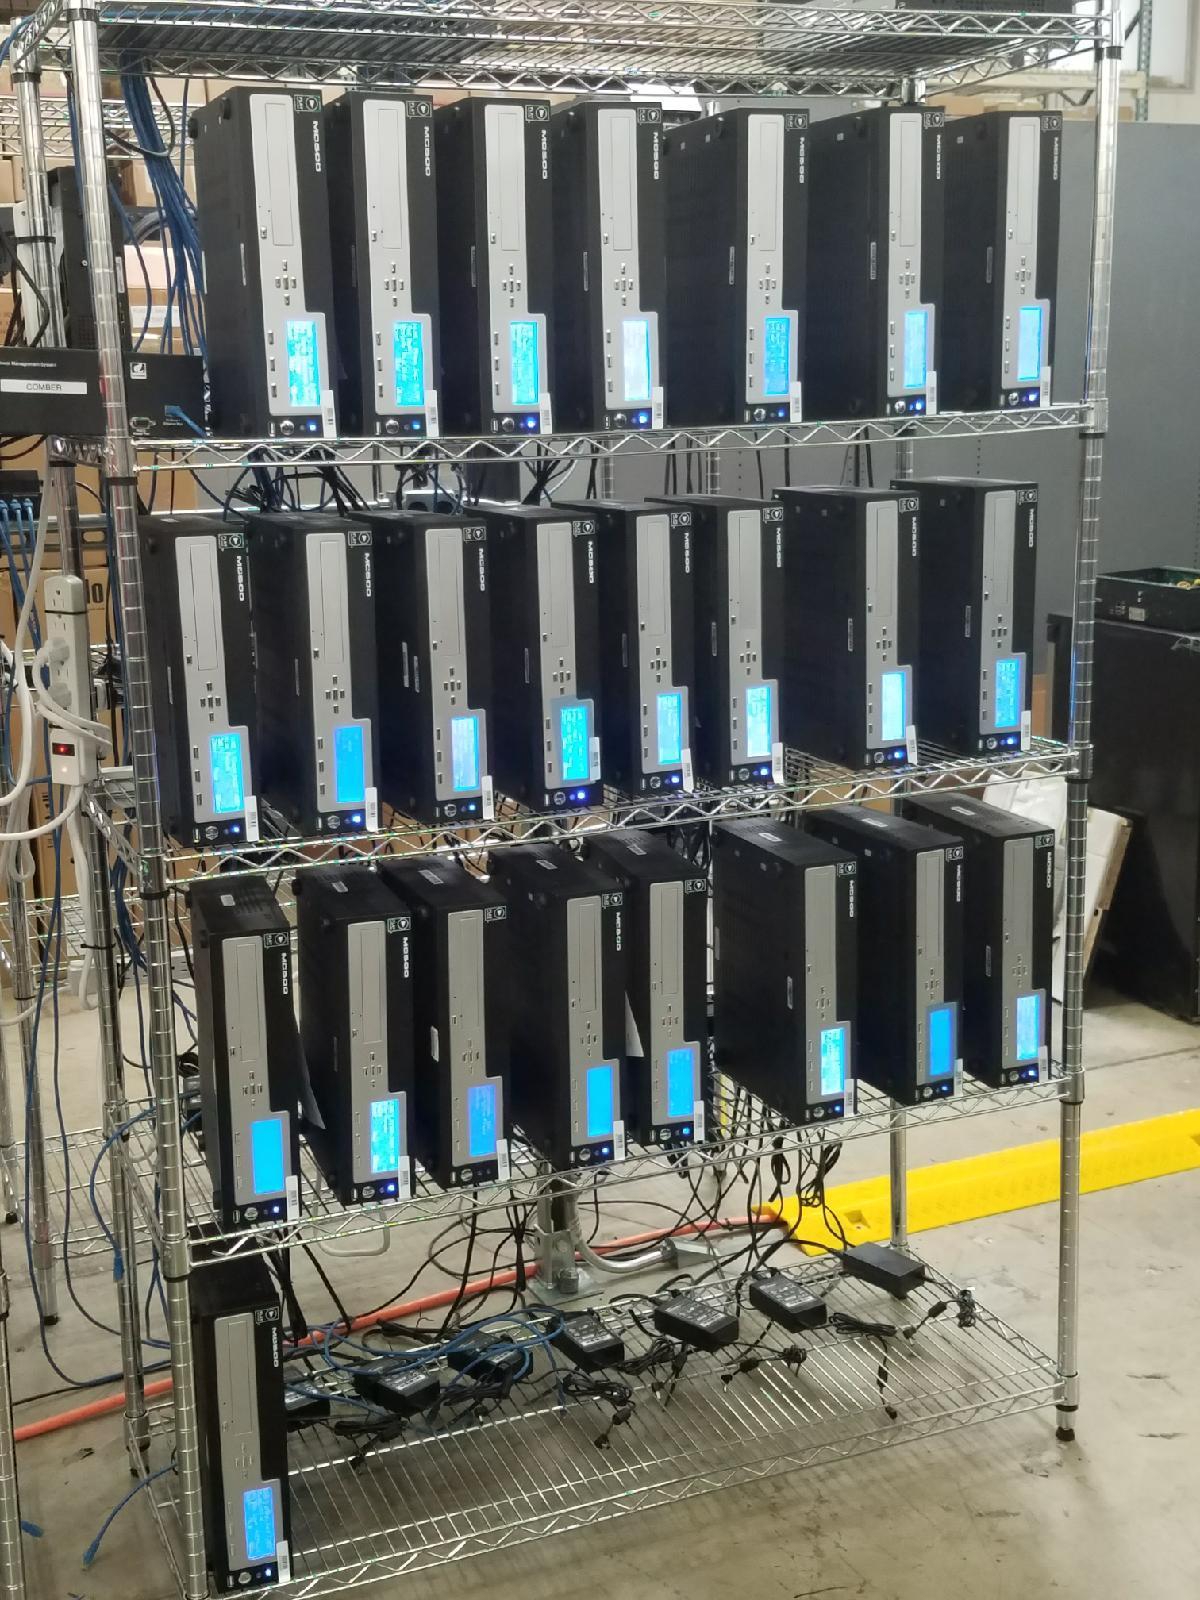 Media player diagnostics, repair, programming & testing for digital kiosk repair